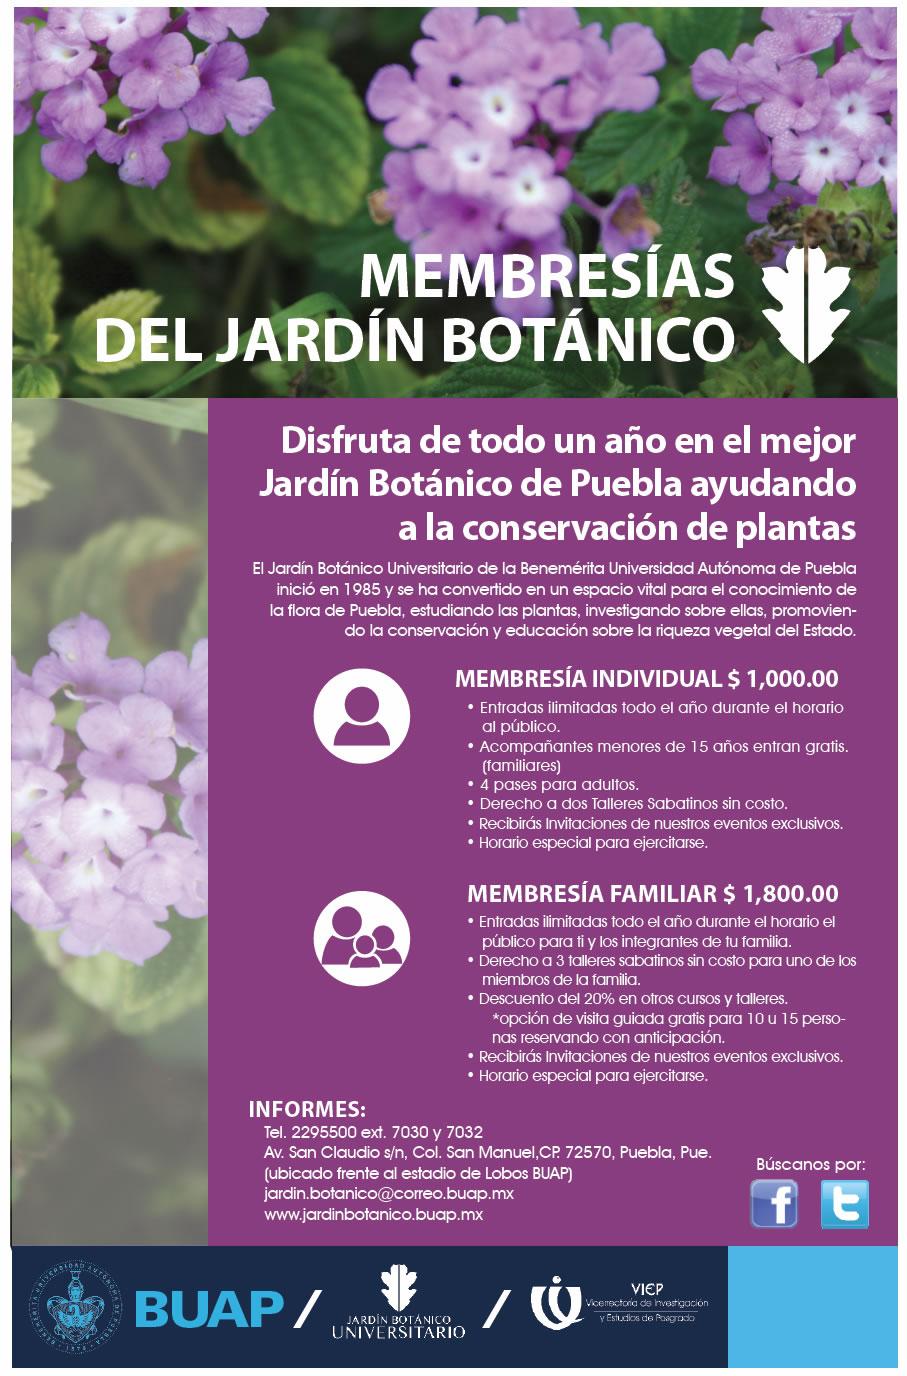 Taller de elaboraci n de composta y lombricomposta for Jardin botanico numero telefonico